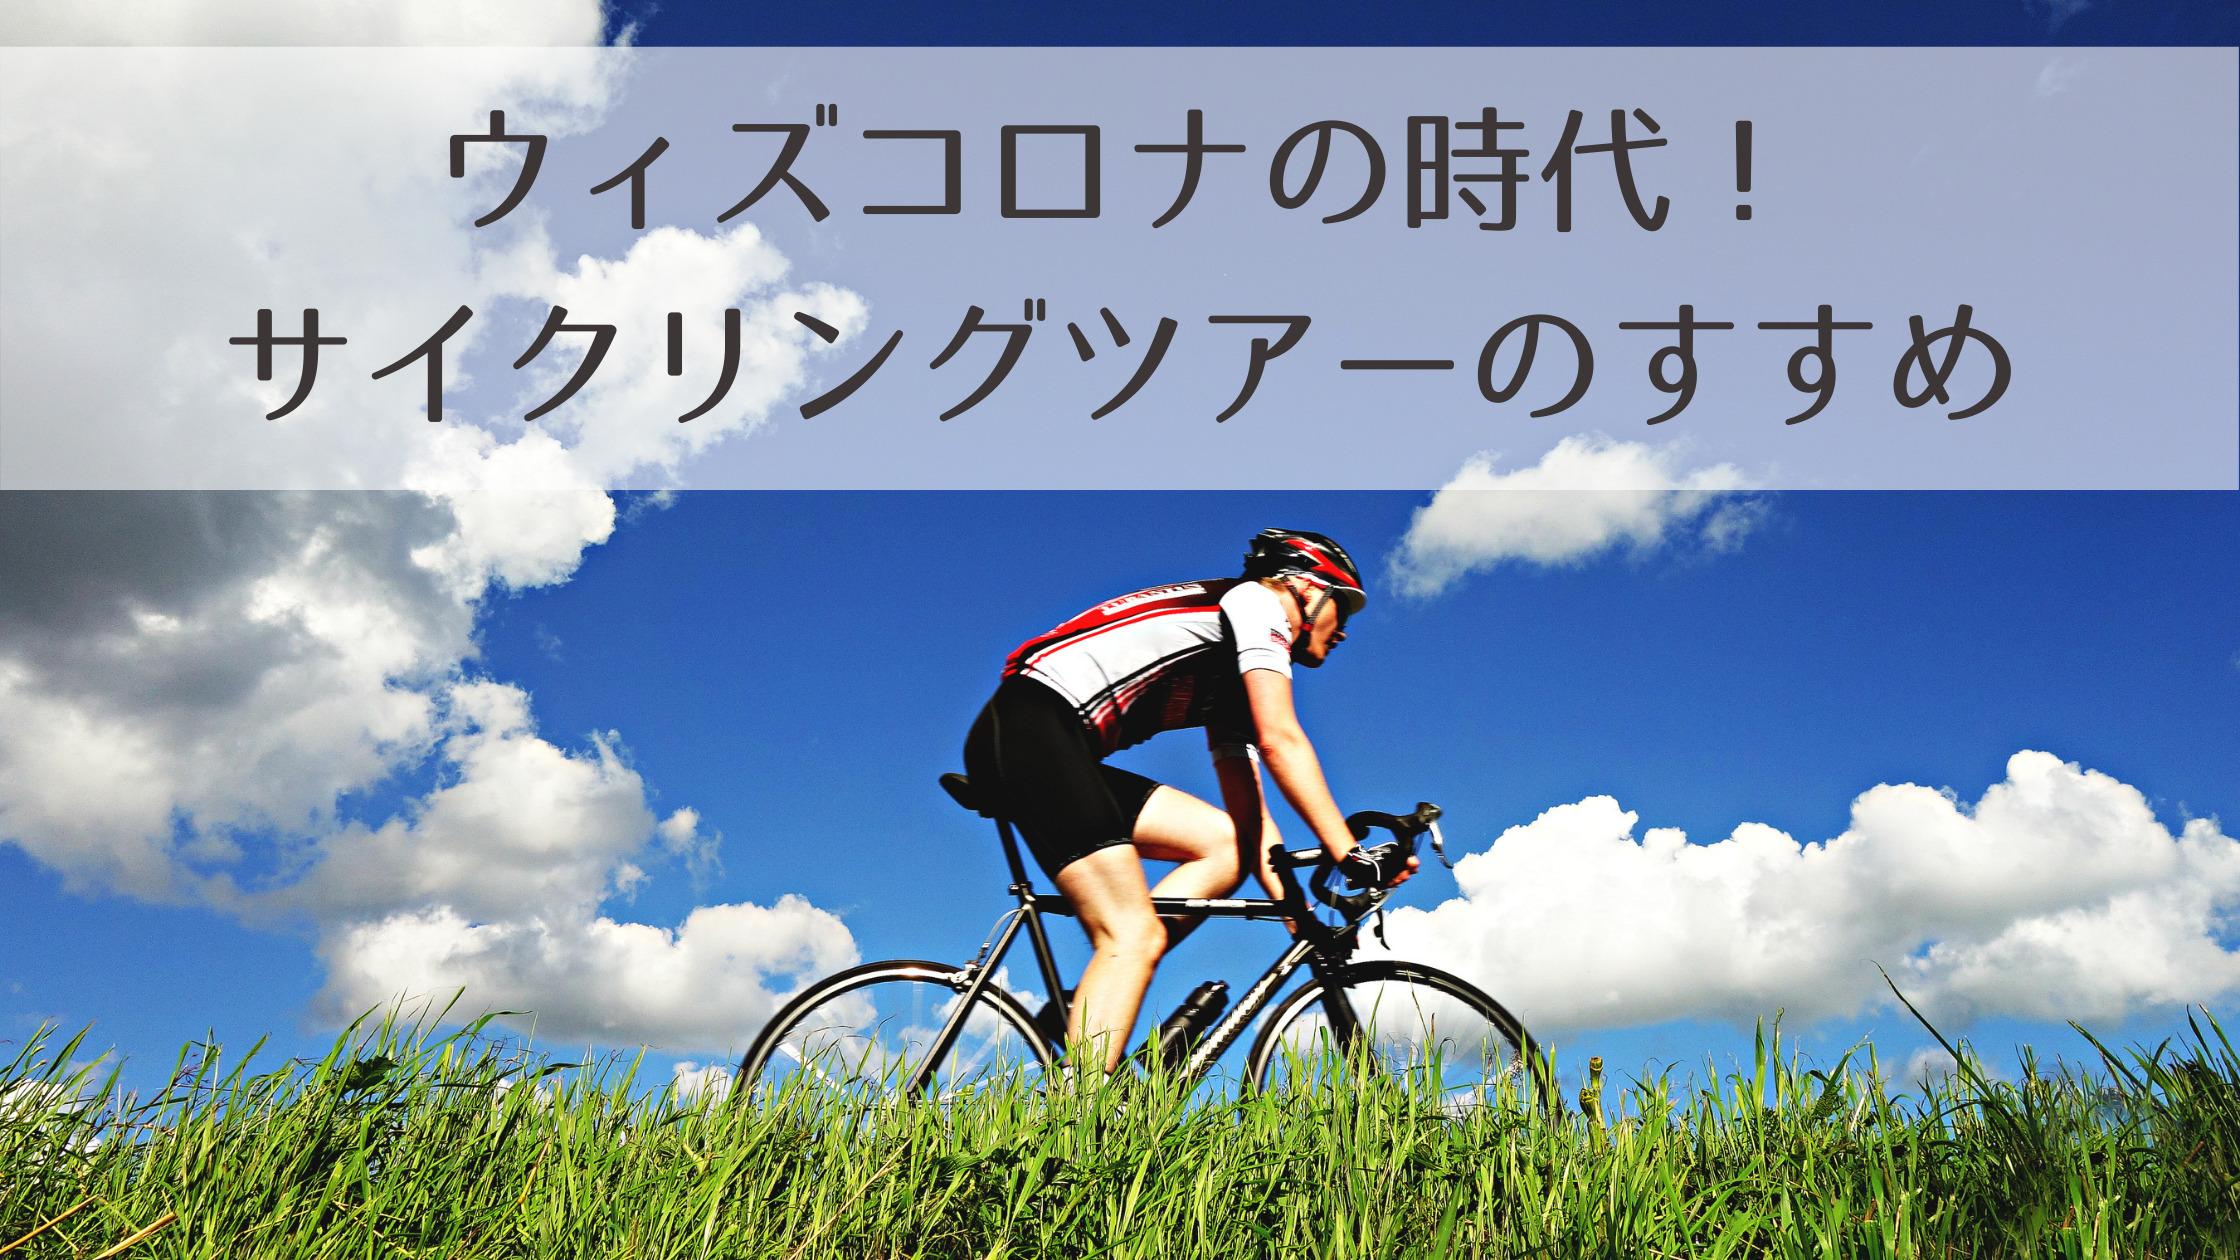 サイクリングツアーのすすめ